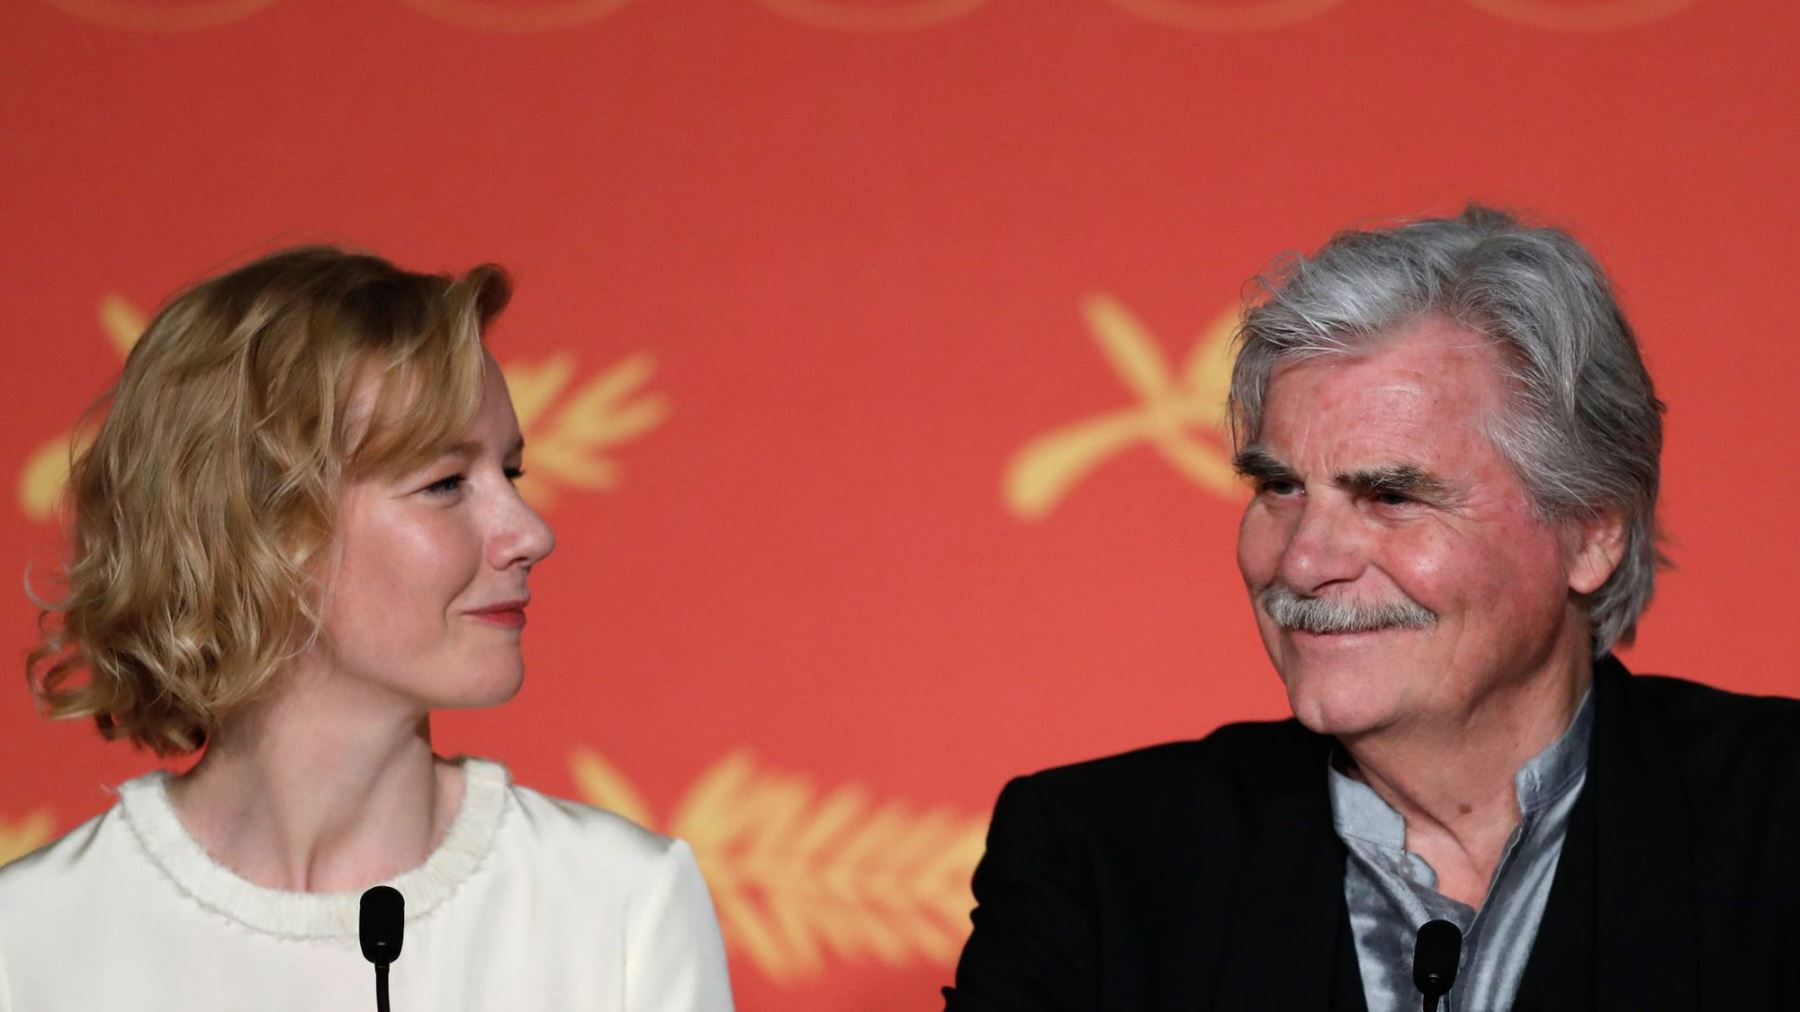 """La directora Maren Ade presenta """"Toni Erdmann"""" junto al actor Peter Simonischek en Cannes."""